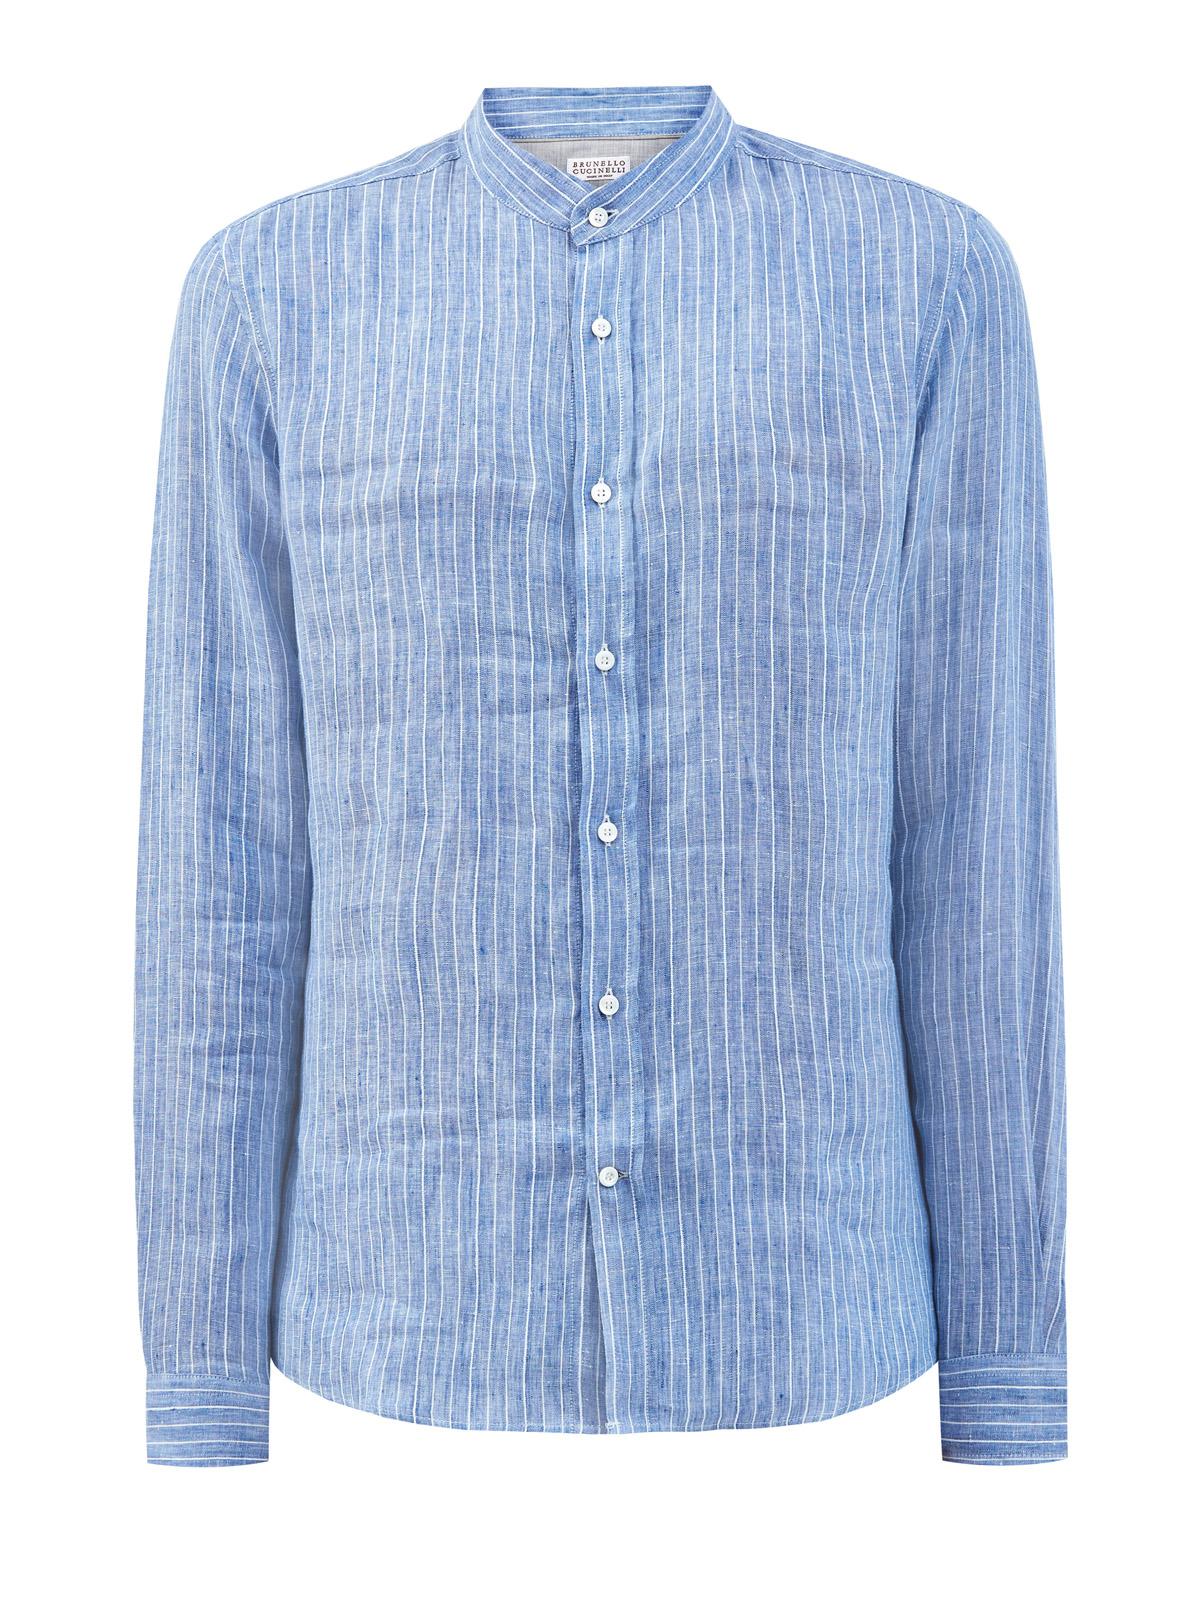 Рубашка ручной работы из льняной ткани в полоску